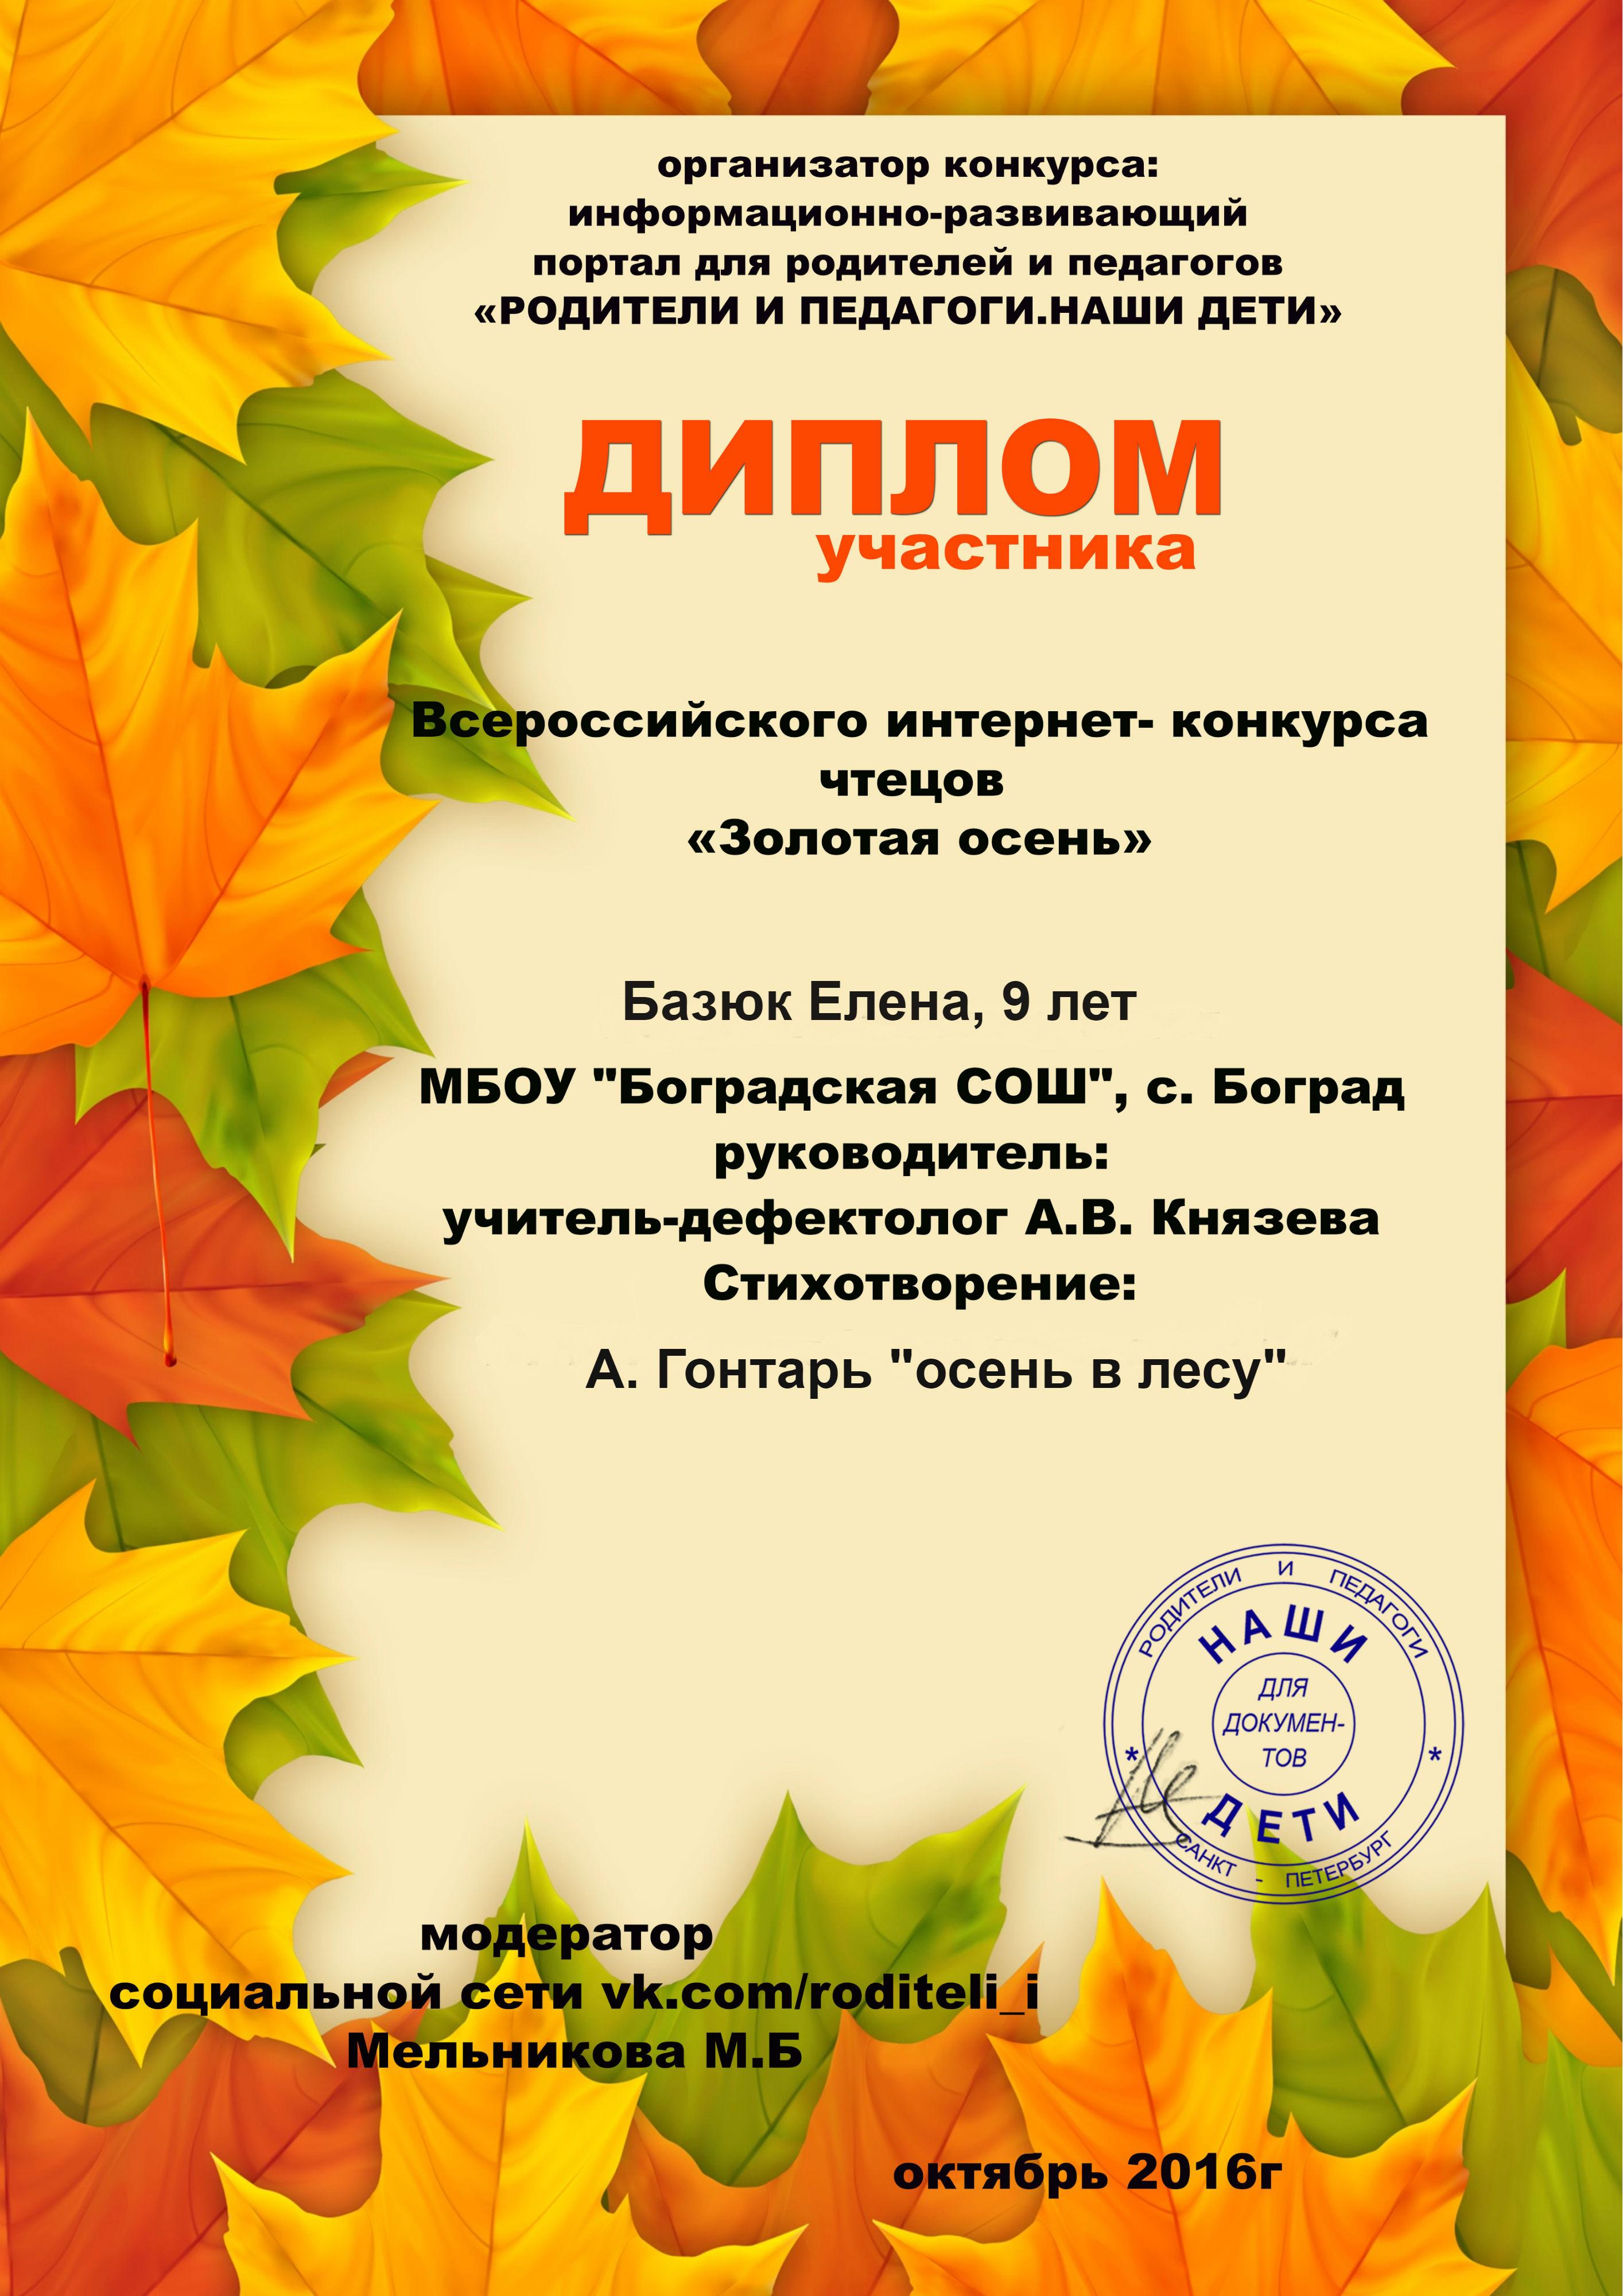 Сценарий для конкурса золотая осень